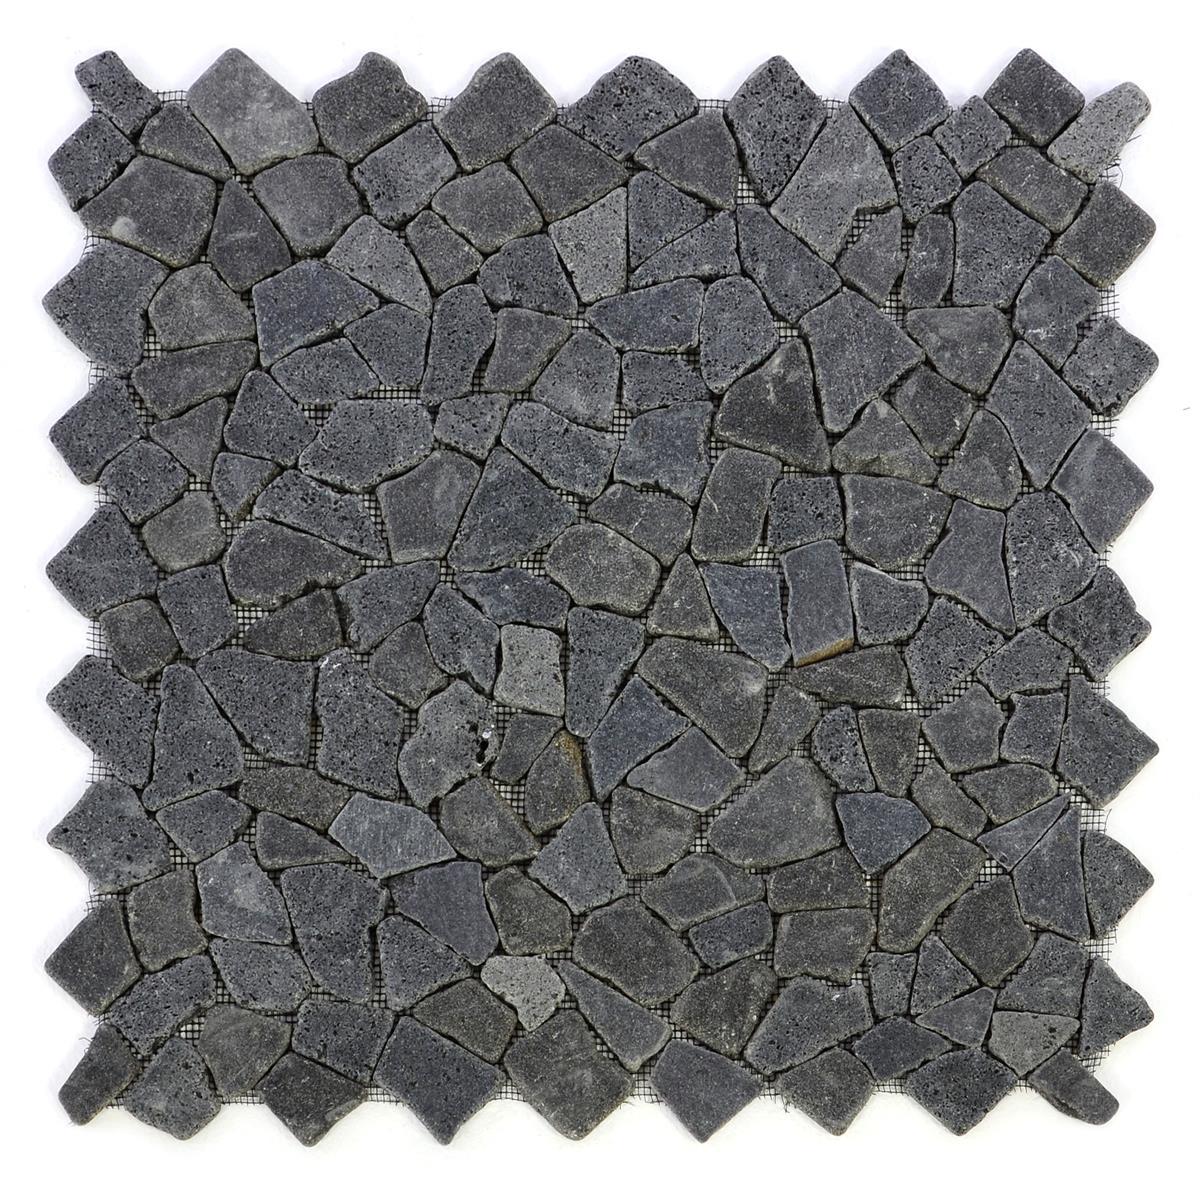 DIVERO 4 Fliesenmatten Naturstein Mosaik Andesit schwarz á 56 x 56 cm